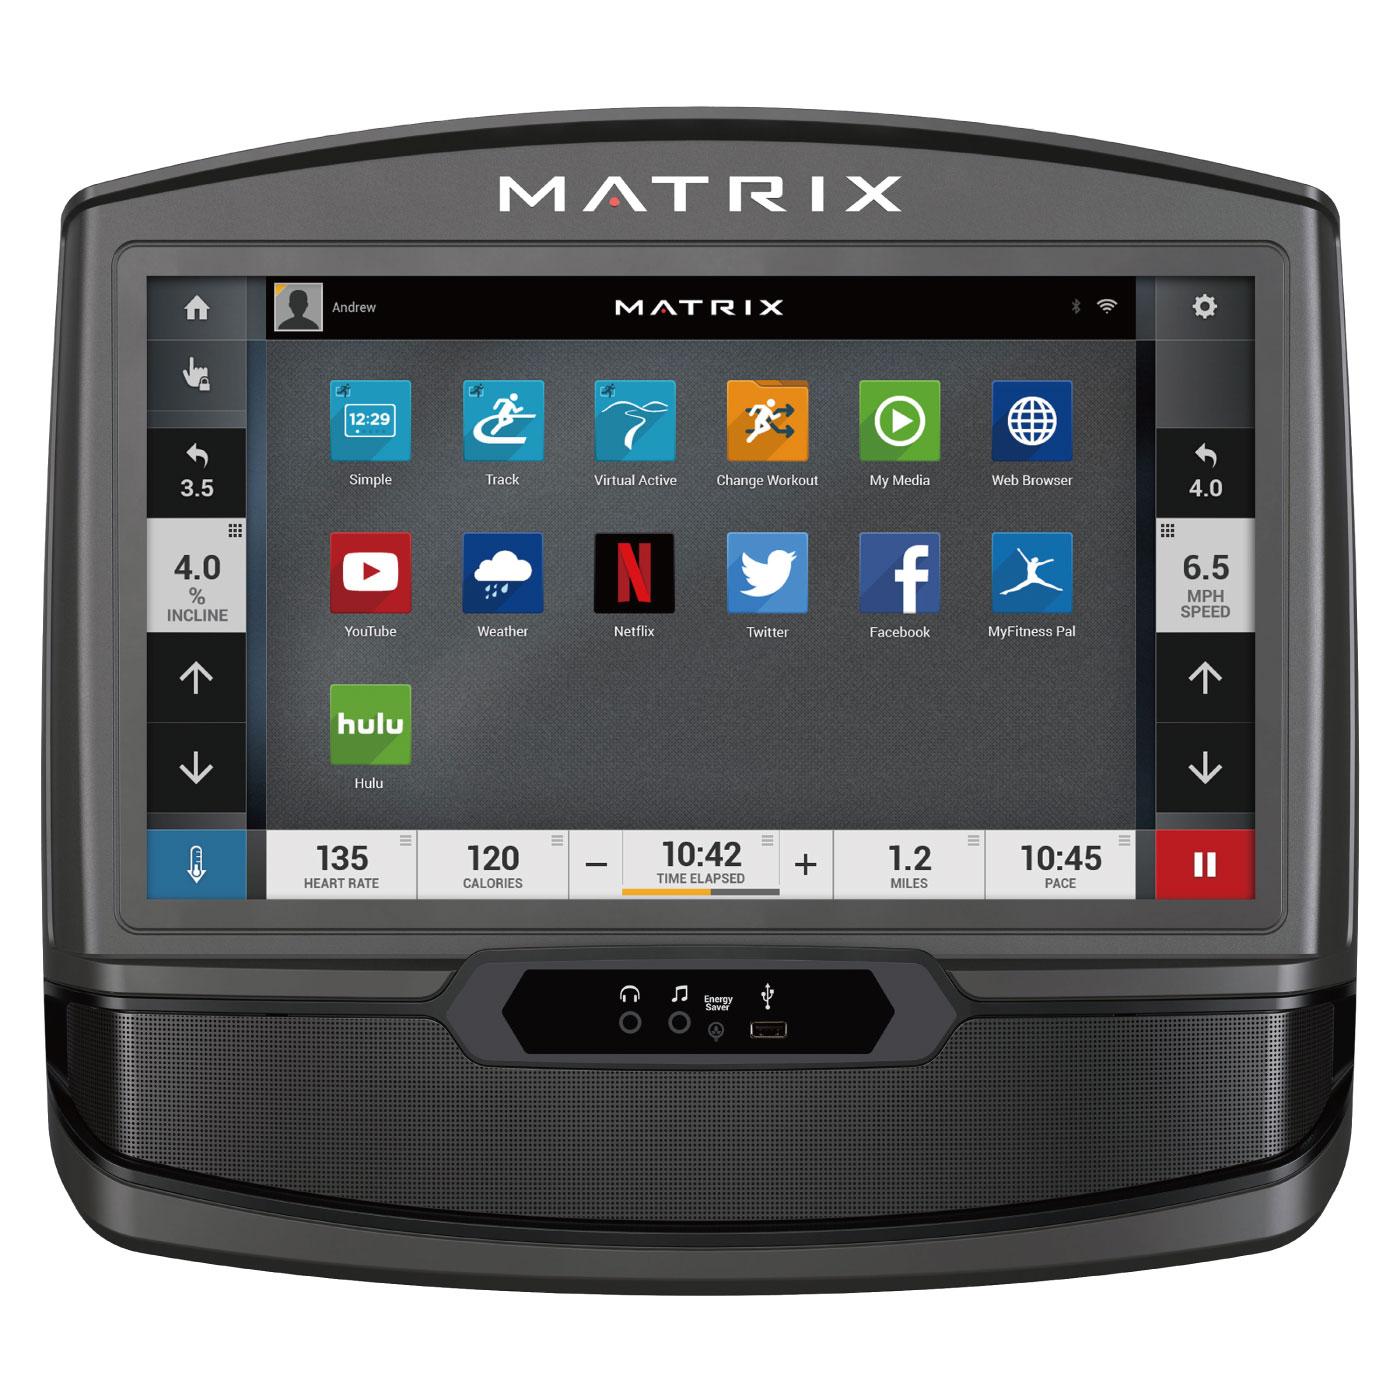 TF30-XIR/家庭用ルームランナー〈家庭用MARTIX〉《ジョンソンヘルステック》